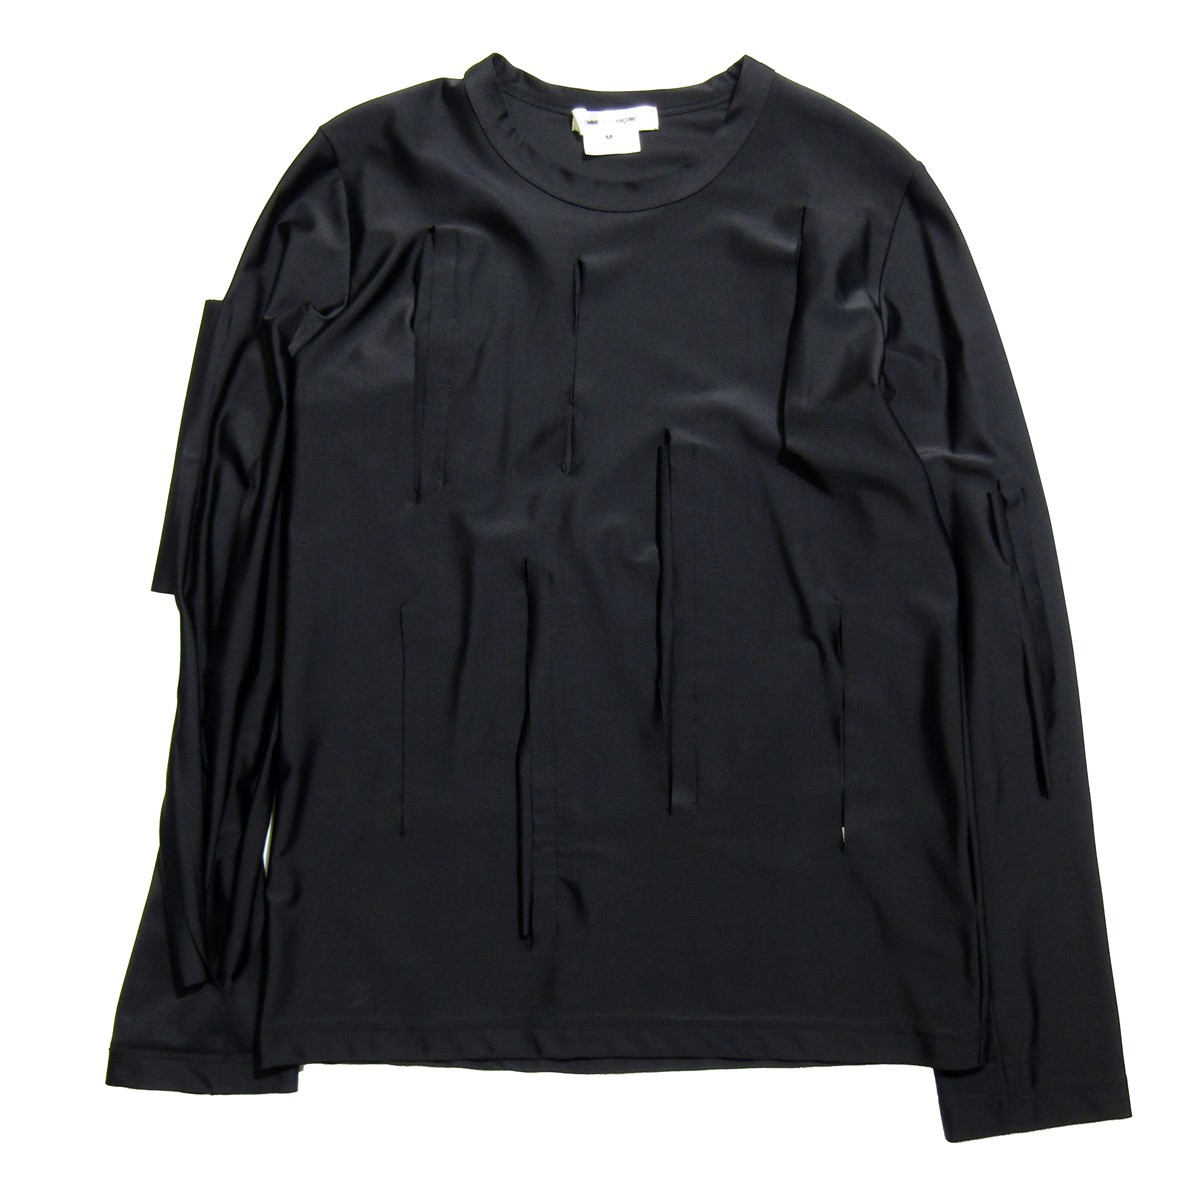 超目玉 コムデギャルソン 限定タイムセール 中古 COMME des GARCONS 2019SS サイズ:M 230320 カッティング加工ロングスリーブTシャツ ブラック